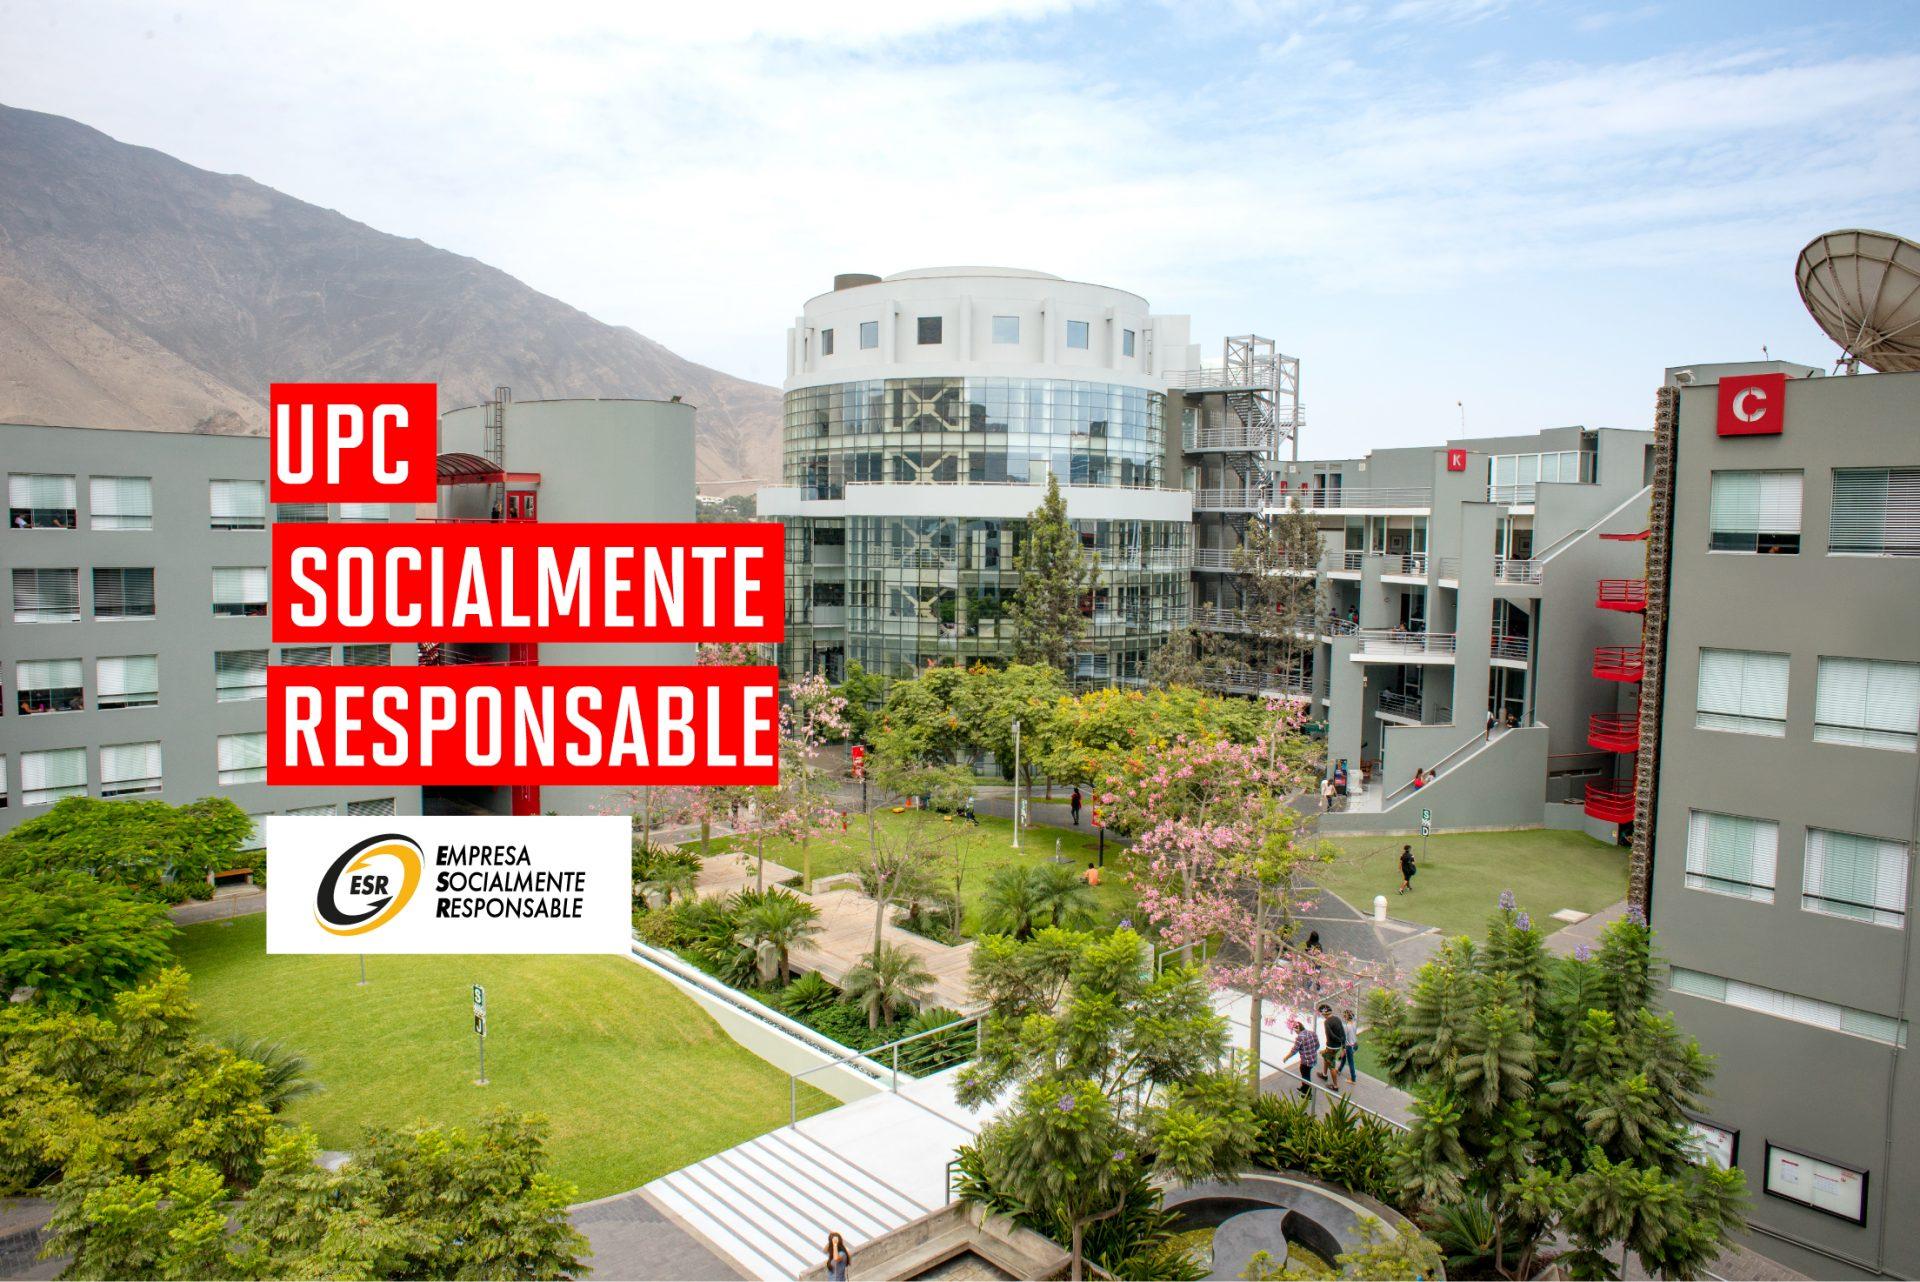 UPC recibe reconocimiento a su gestión sostenible y socialmente responsable